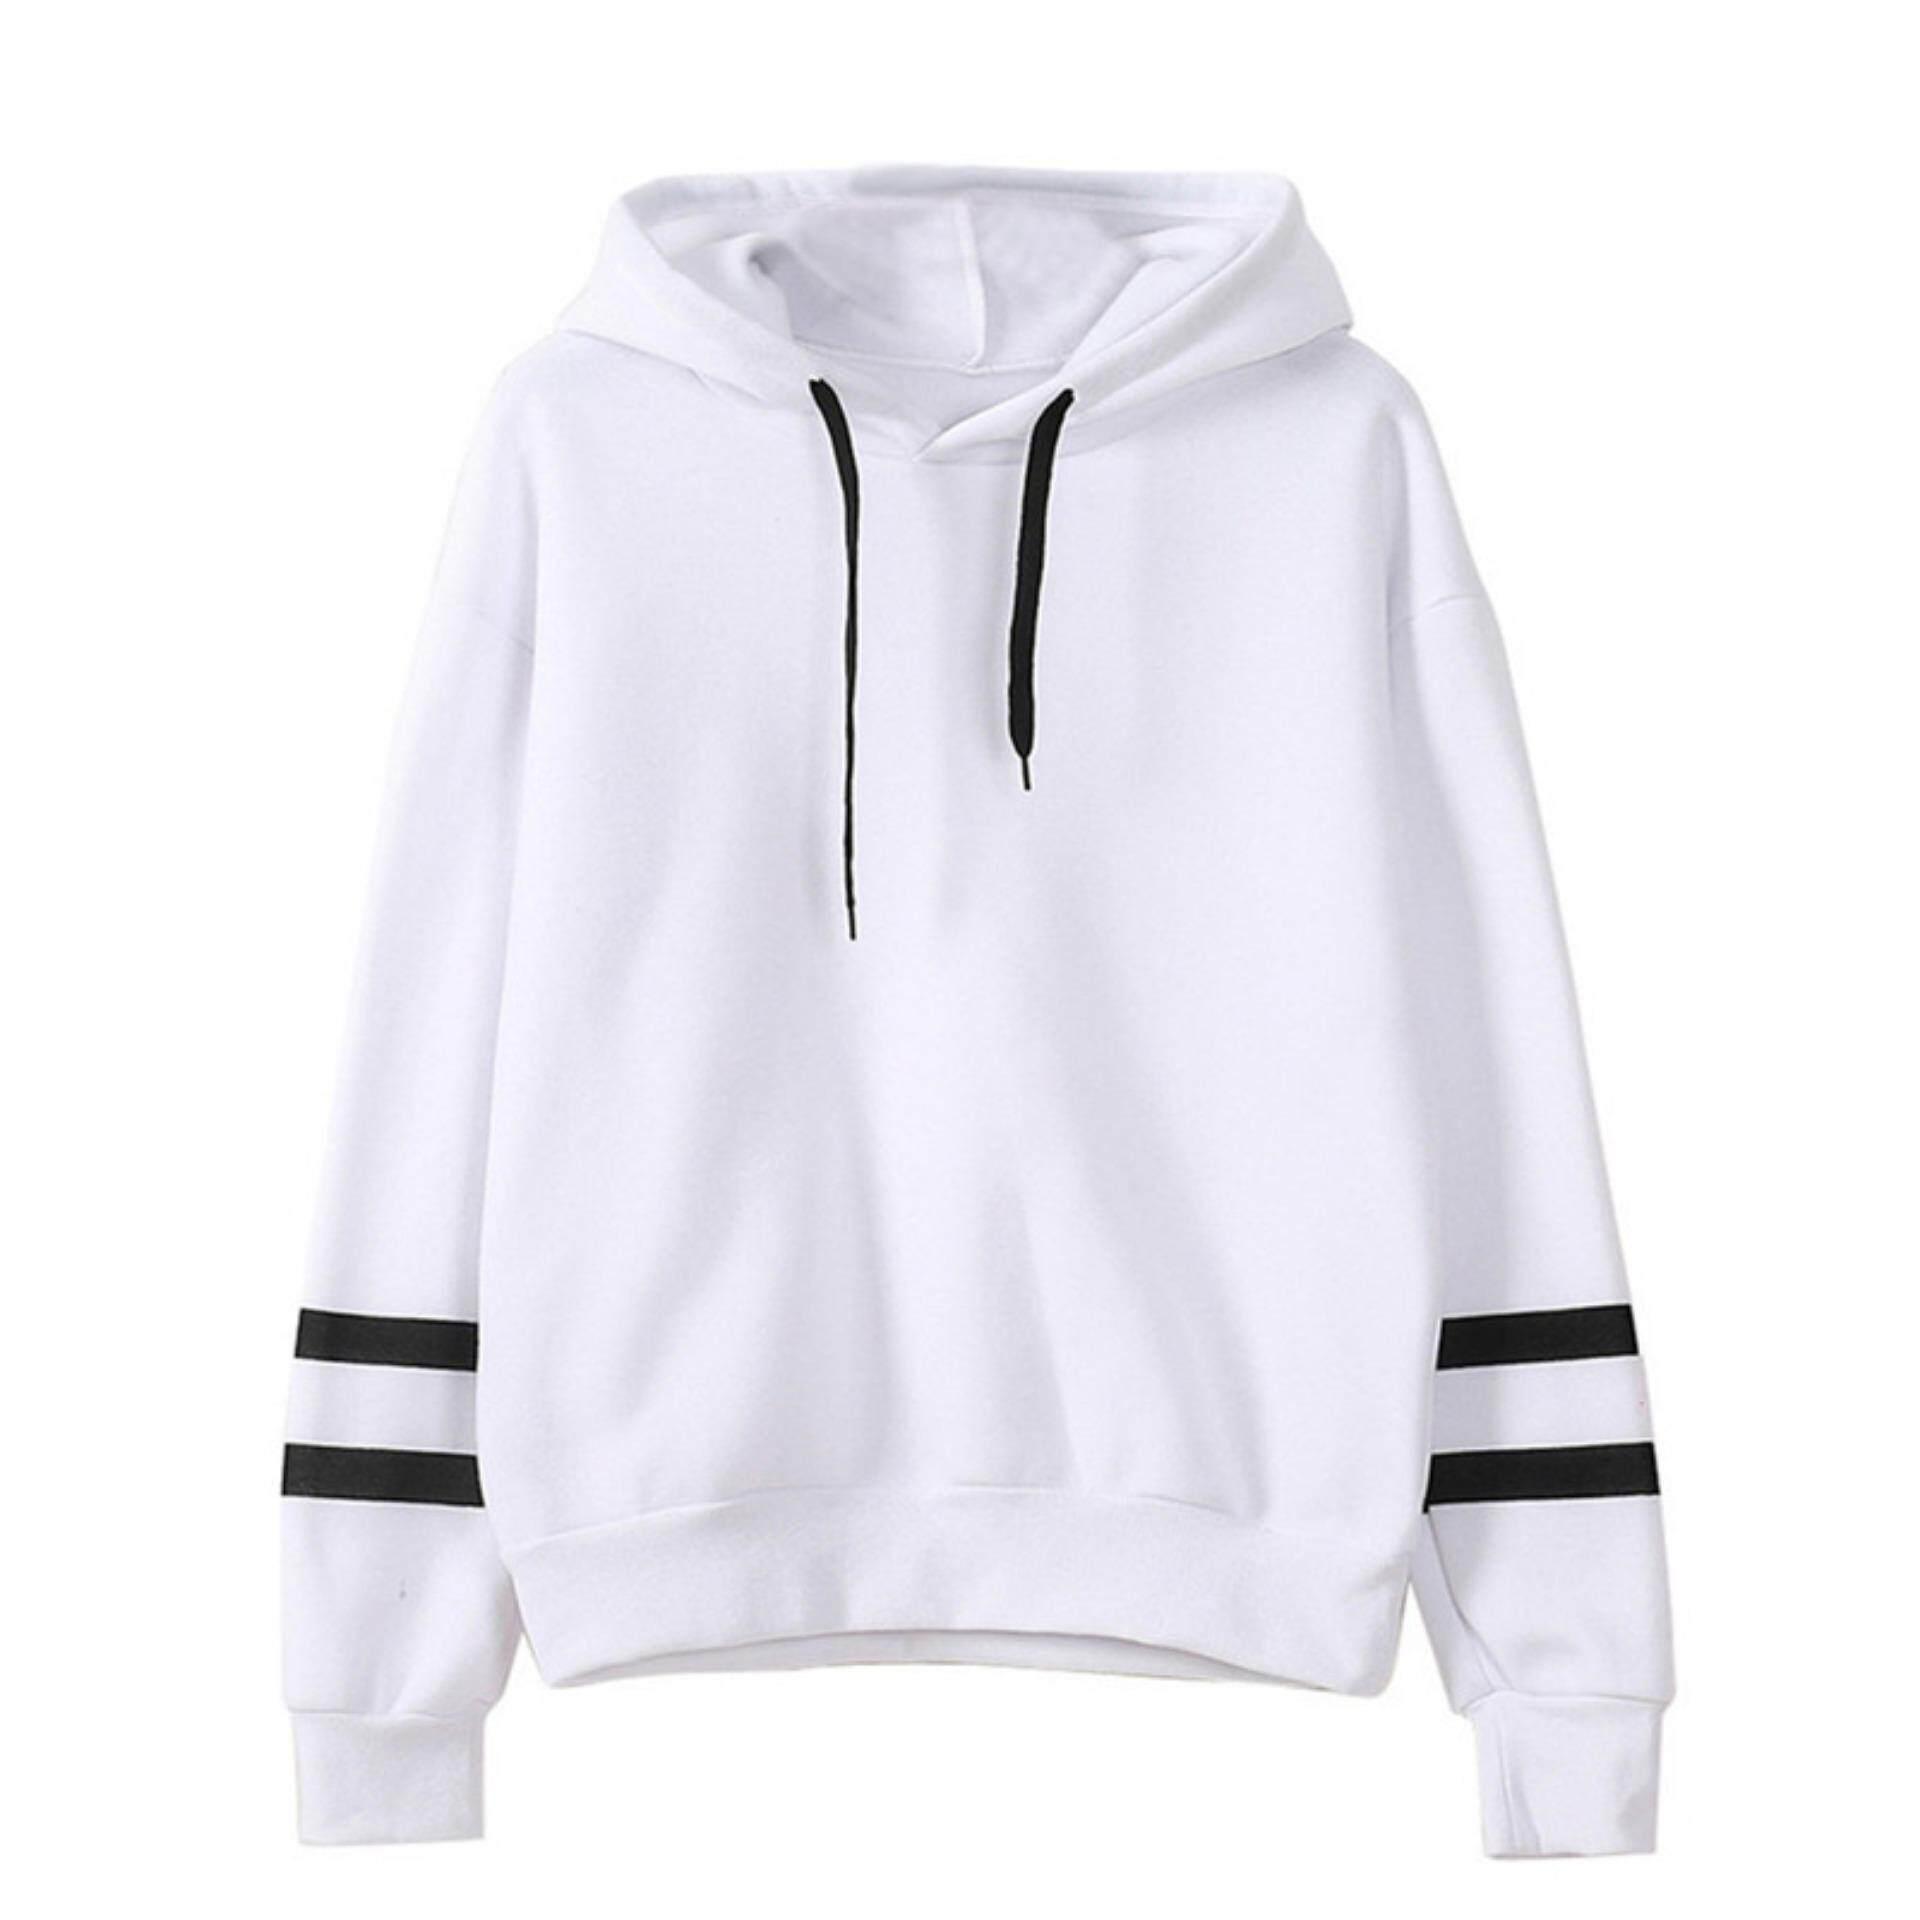 Lengan Panjang Wanita Hoodie Sweatshirt Jumper Bertudung Sweter Tanpa Kancing Terbaik Blus Coats Putih-Internasional